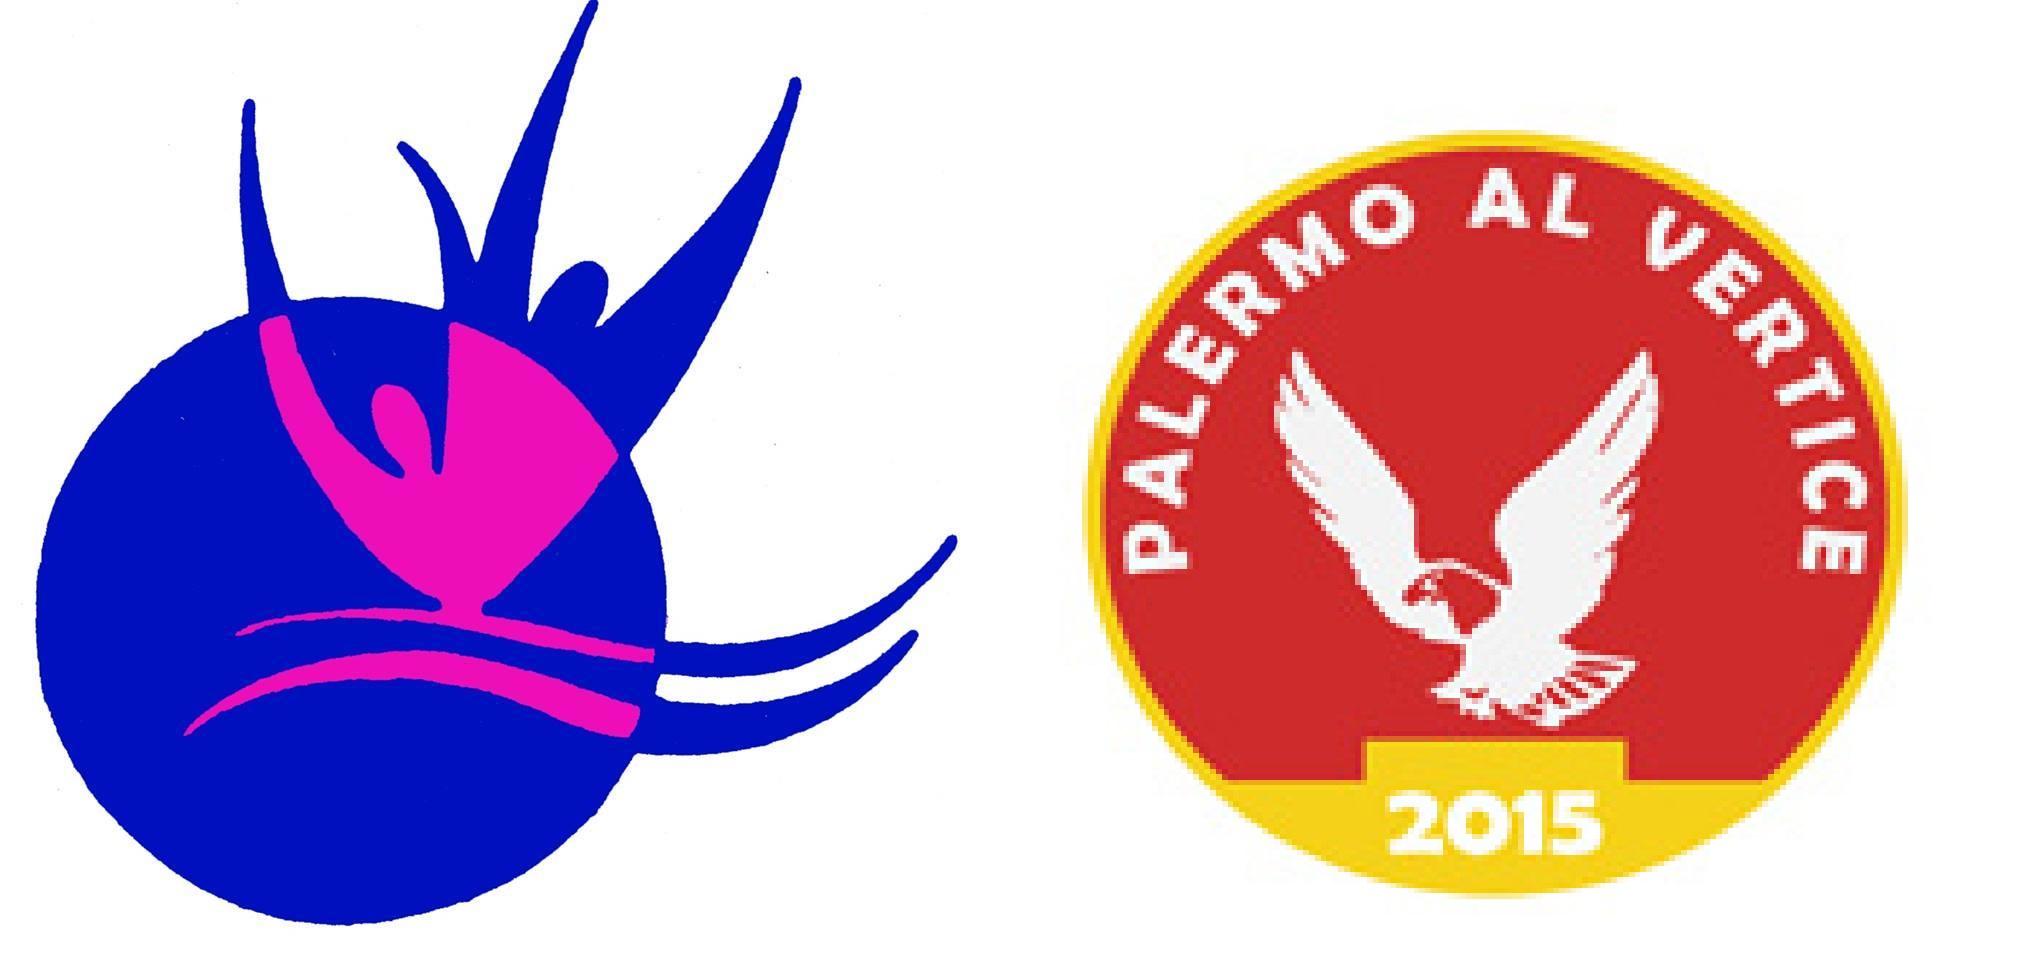 Palermo al Vertice cresce, Rari Nantes Palermo nuova consorziata